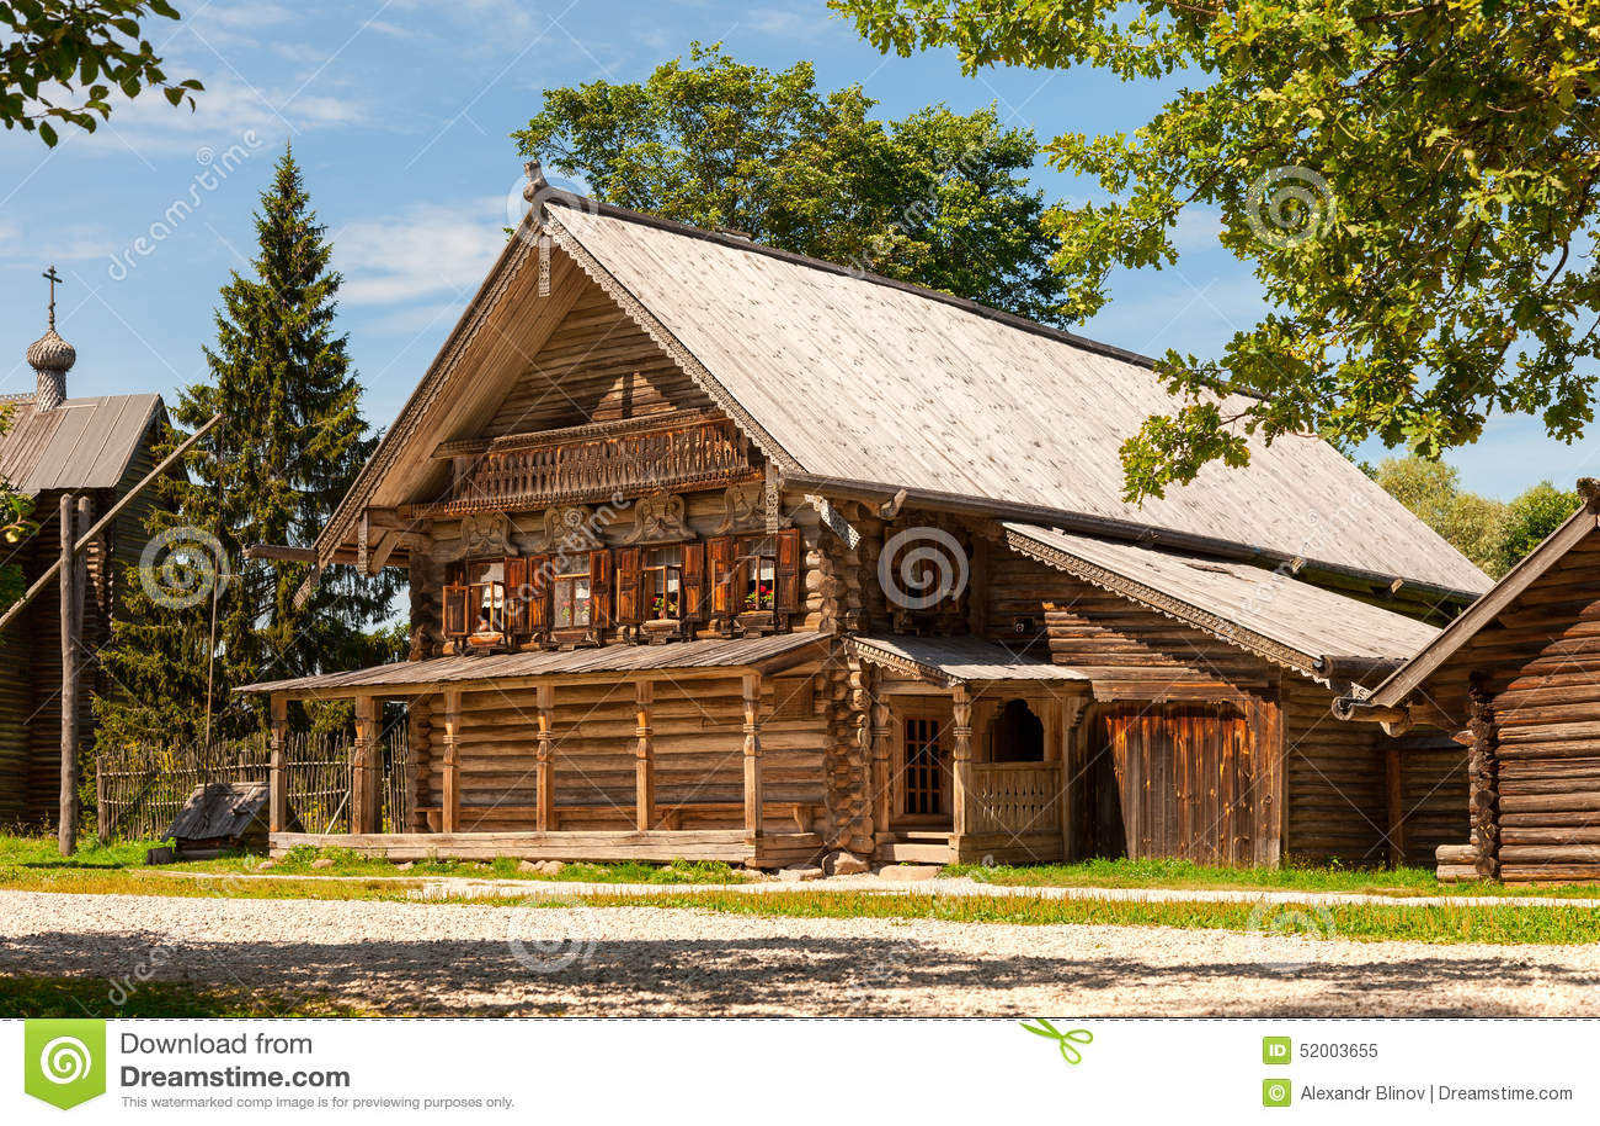 maison en bois russe traditionnelle image stock image du lointain rugueux 52003655. Black Bedroom Furniture Sets. Home Design Ideas